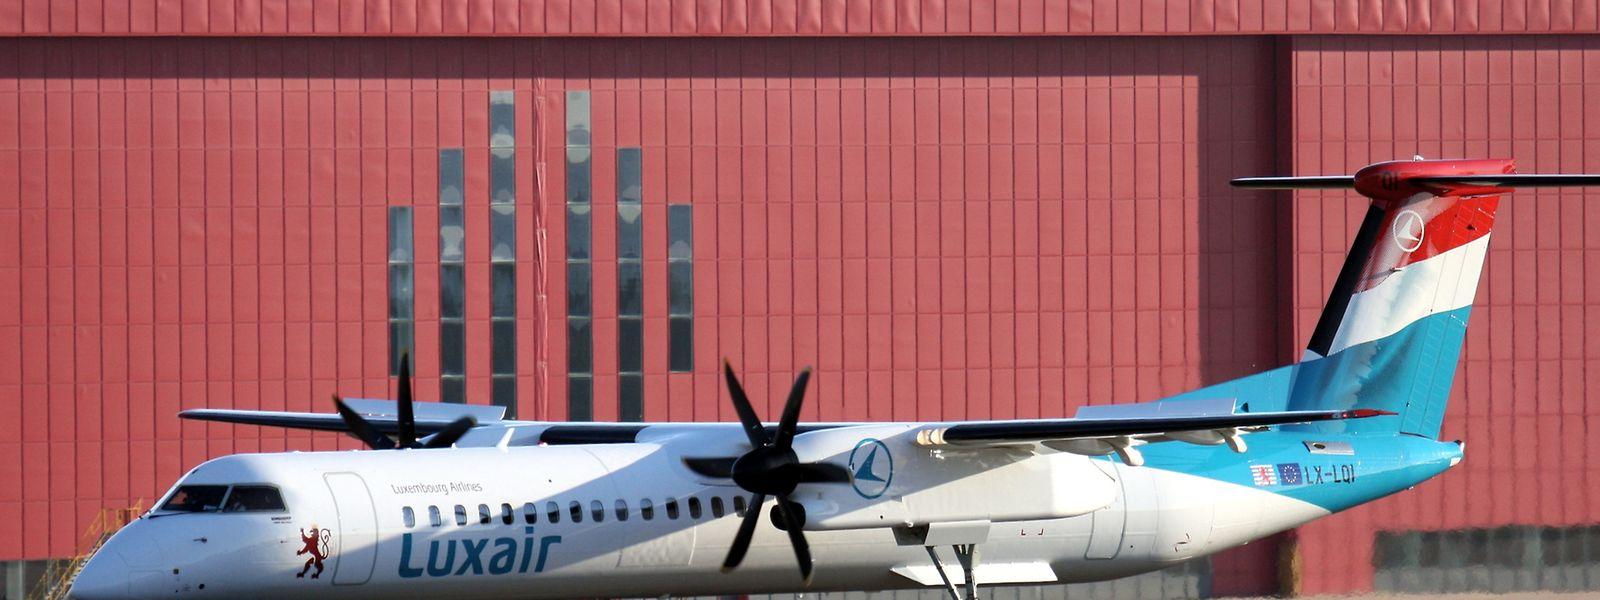 Die offizielle Kennung der neuen Q400 der Luxair ist LX-LQI.